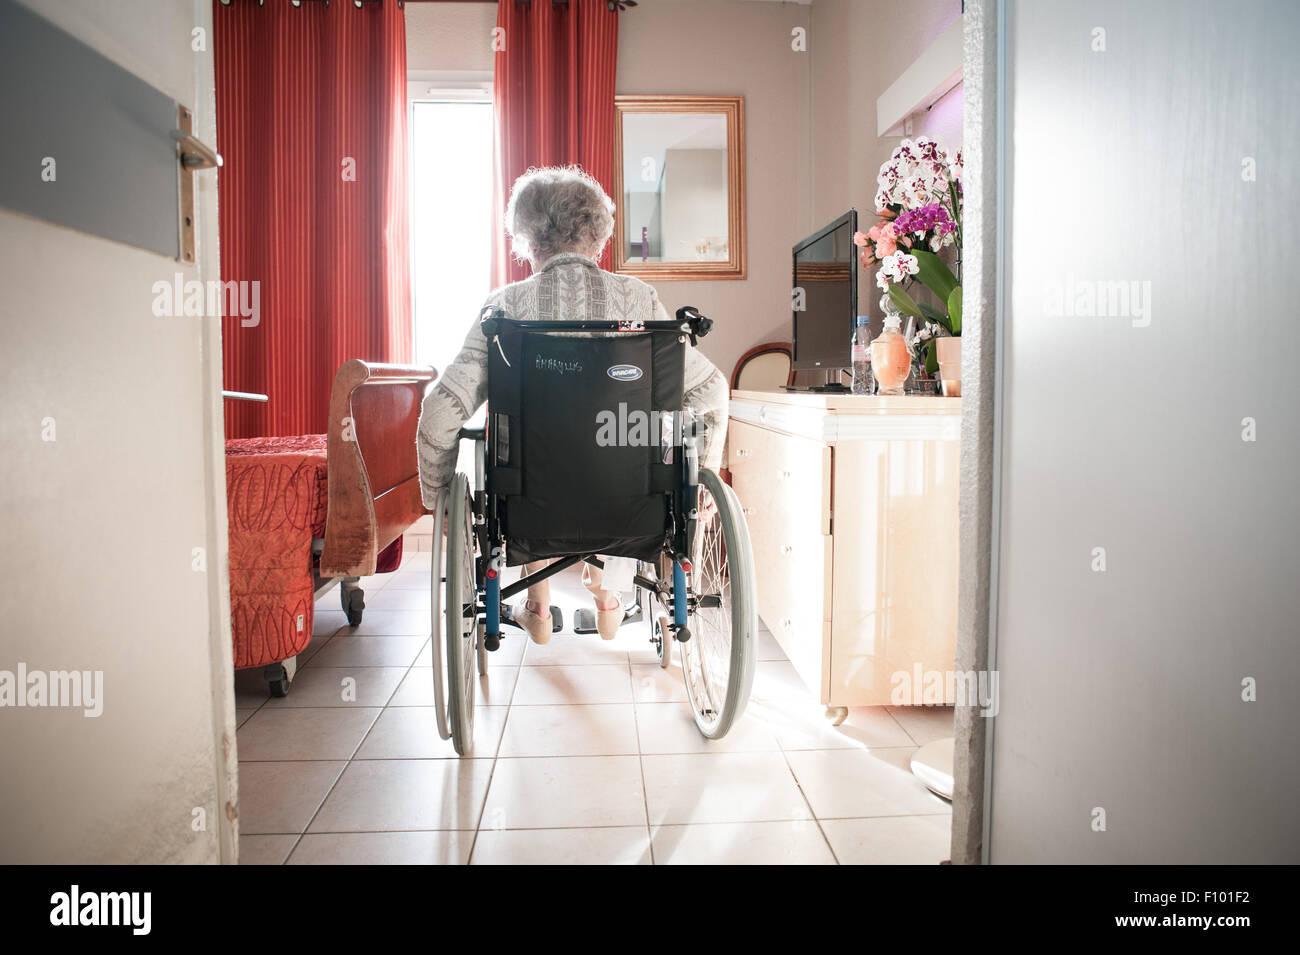 Hogar de Ancianos Imagen De Stock